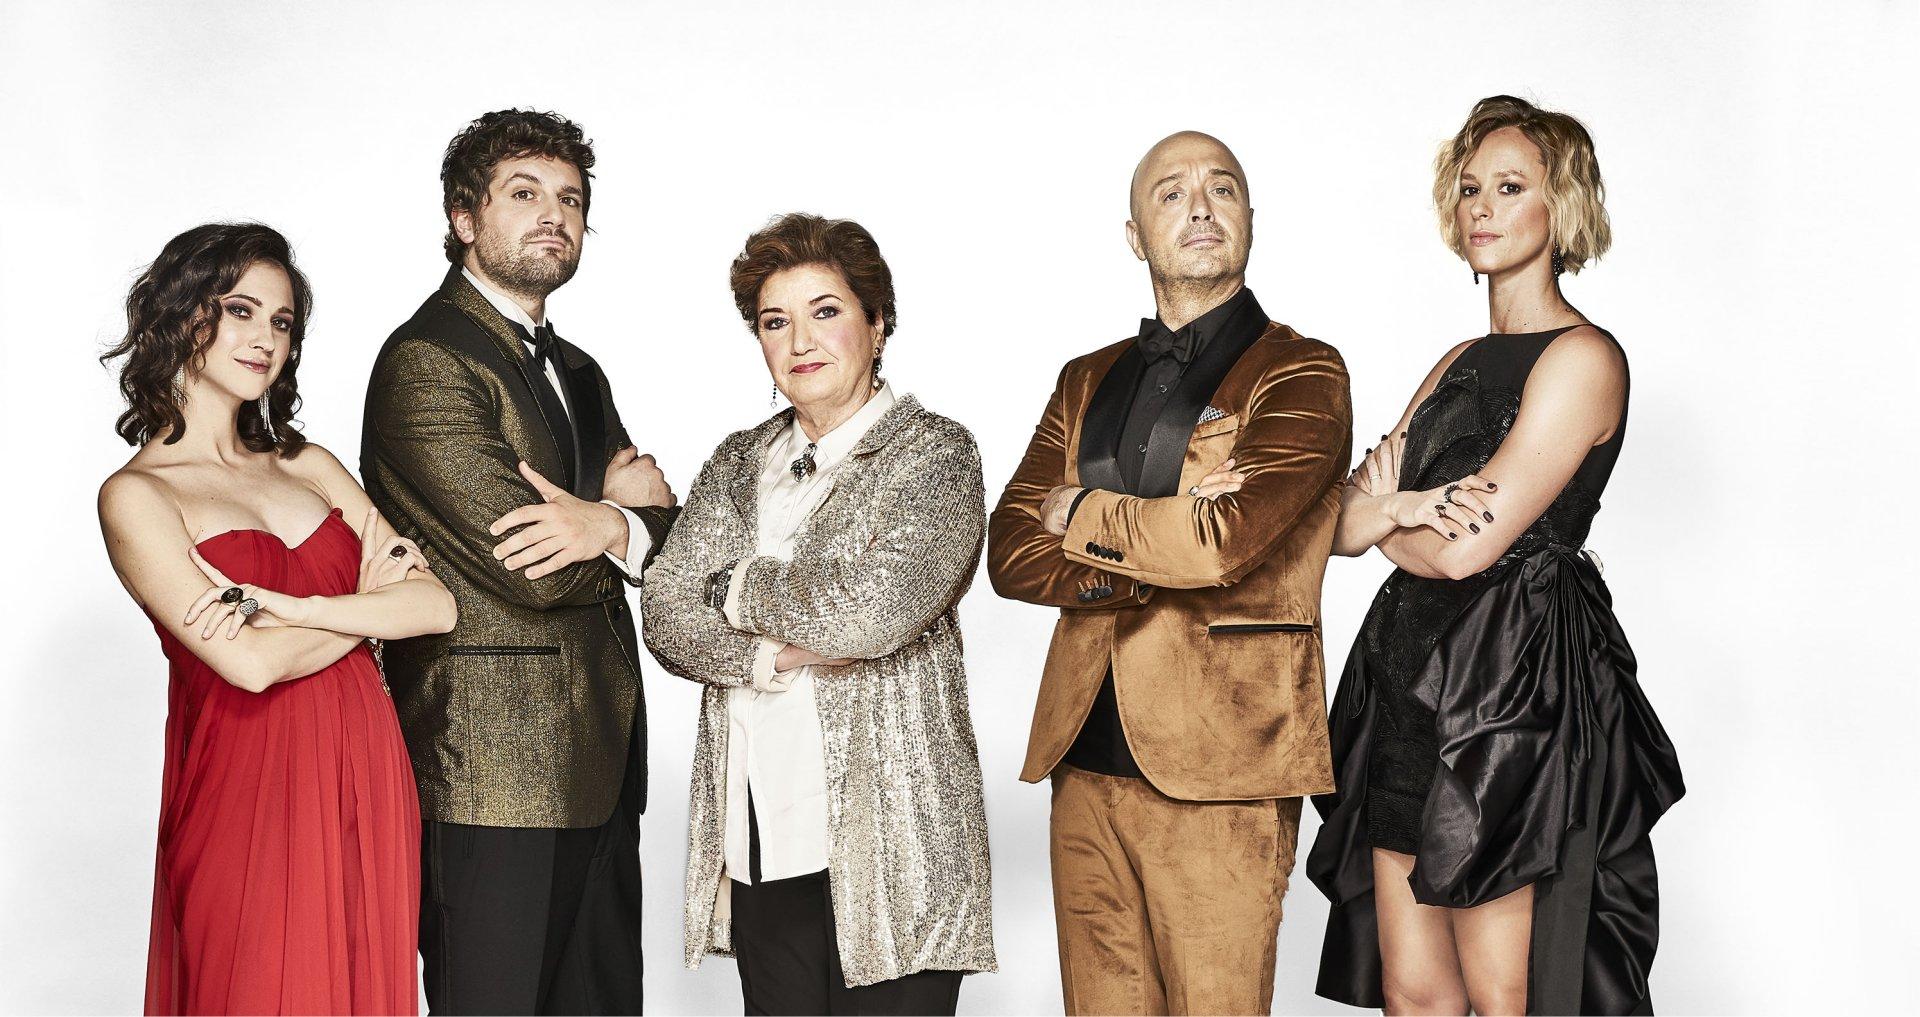 Italia's Got Talent, la nuova edizione 2020 in prima visione TV8 e Sky Uno